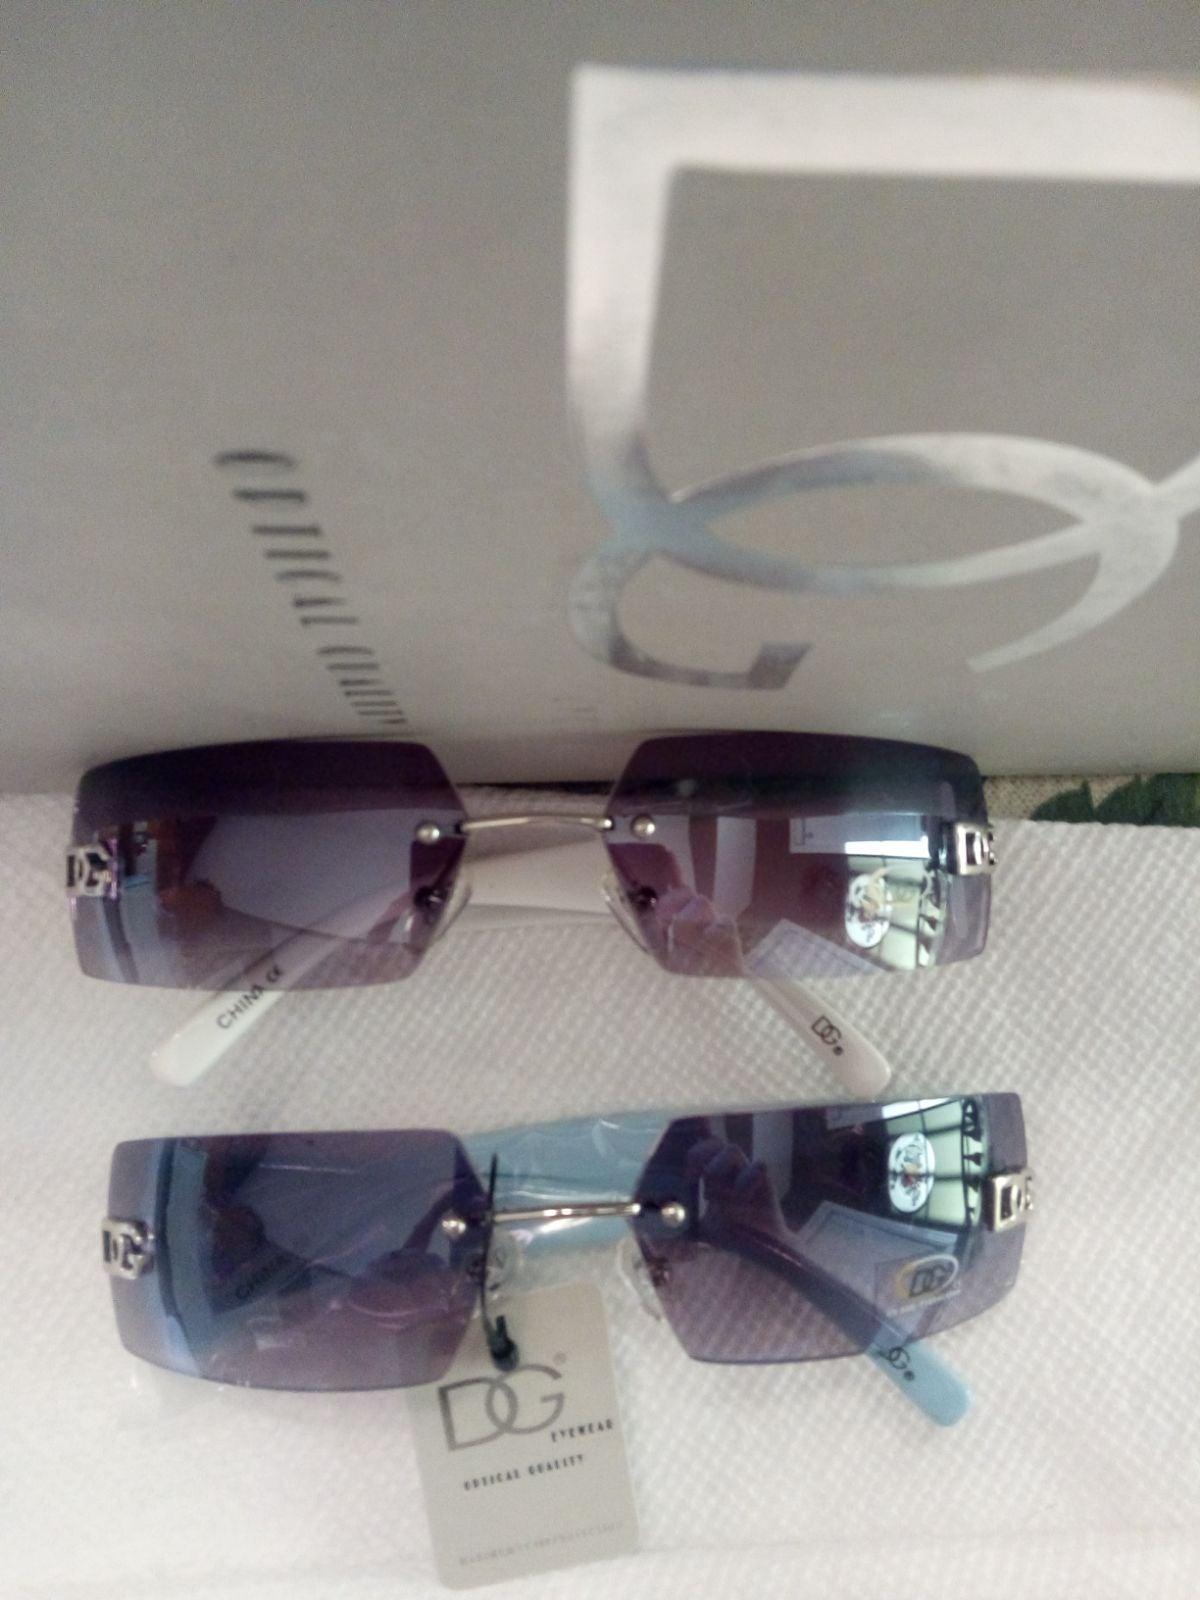 2 Pair DG Sunglasses